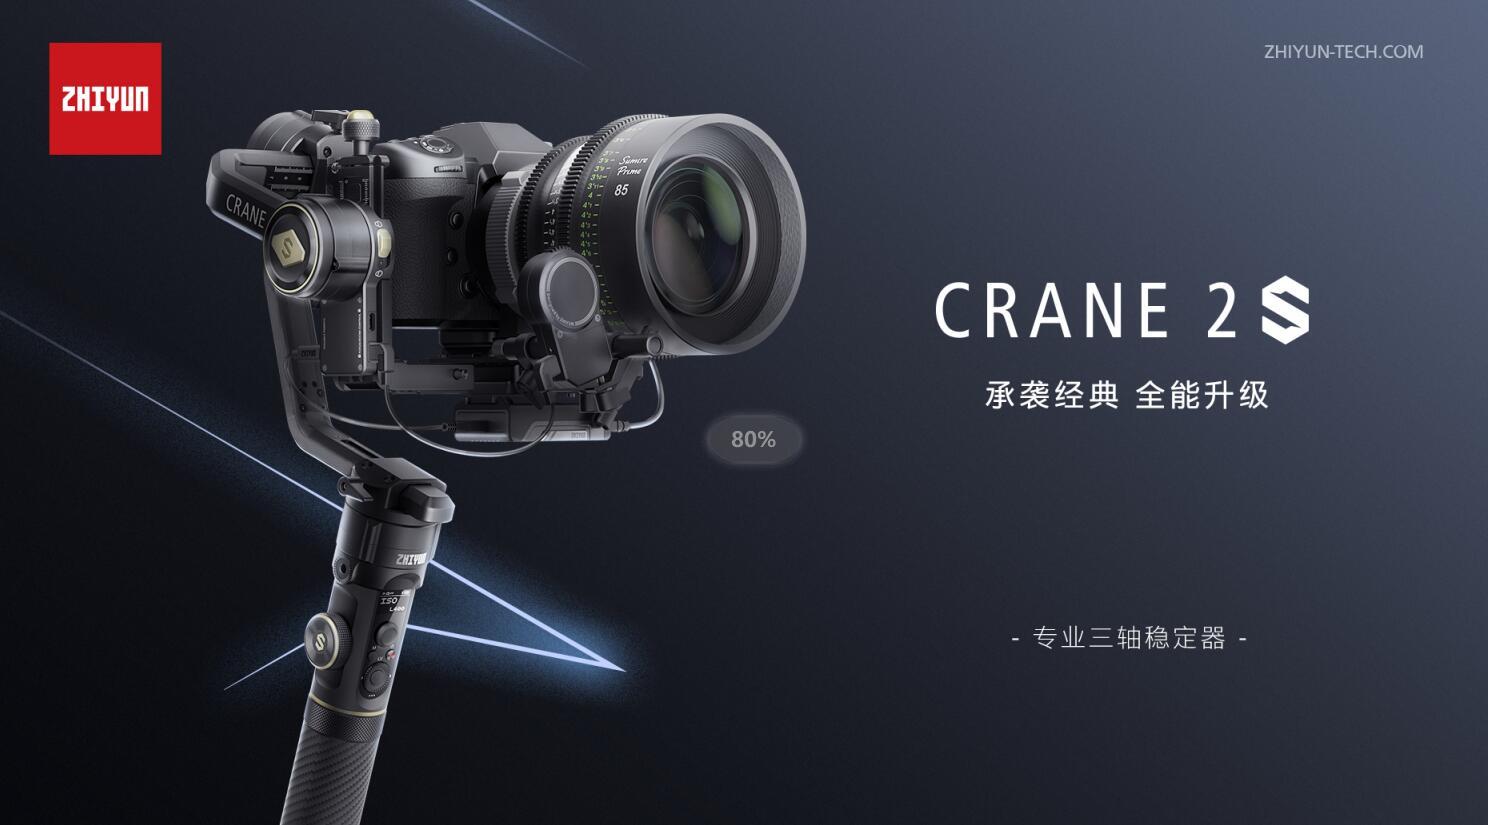 强劲搭载!云鹤2S新品发布,影像创作新工具